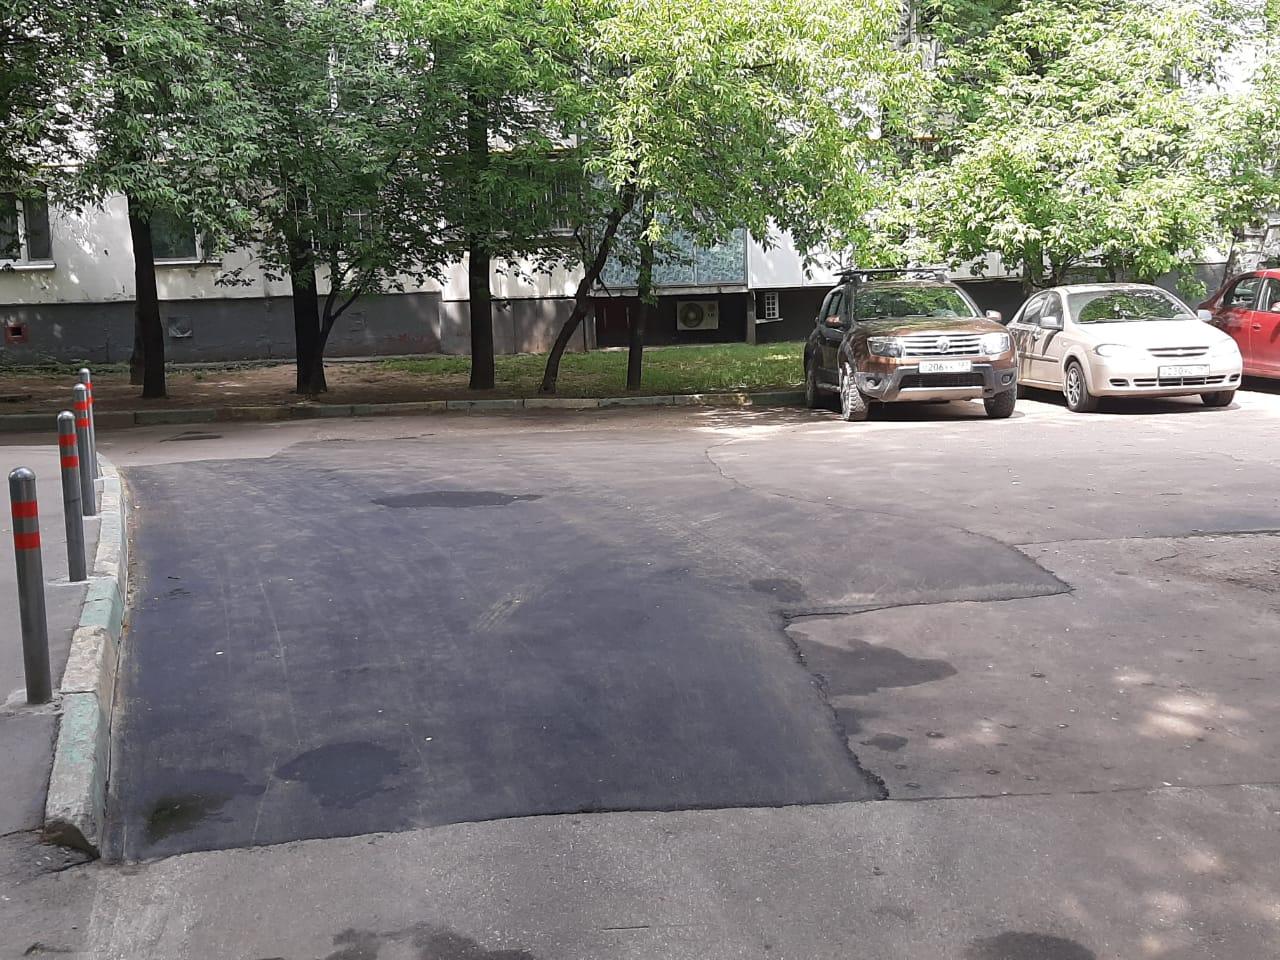 Локальный ремонт асфальта провели в Чертанове Центральном по четырем адресам